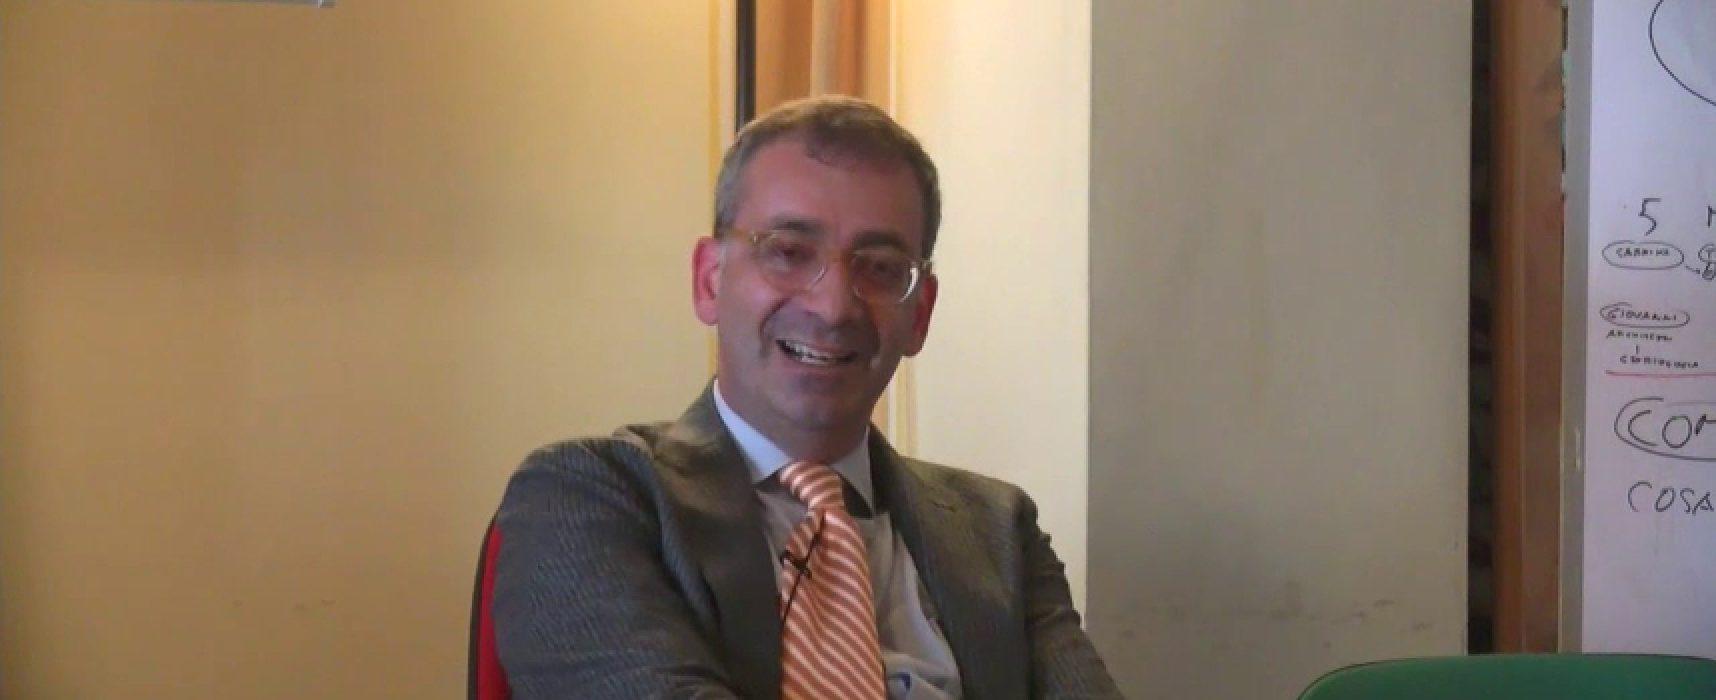 Autunno Libri, nuovo appuntamento della rassegna con l'avvocato Davide Storelli